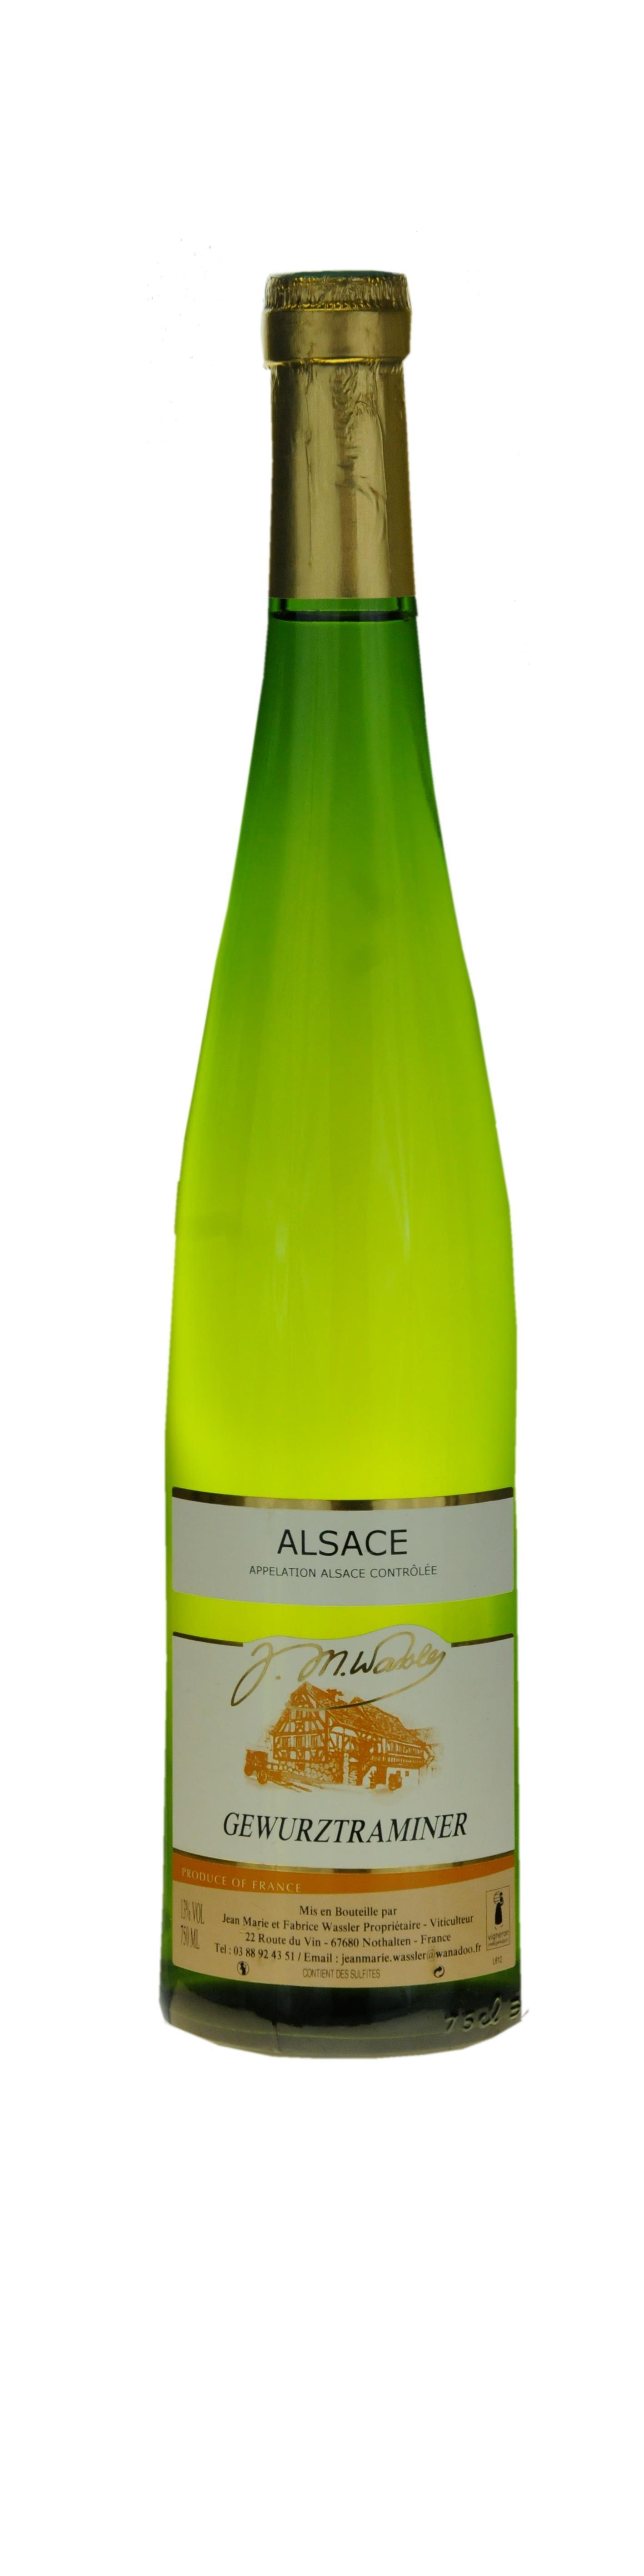 Alsace Gewurztraminer 2014Guide  Gilbert et Gaillard